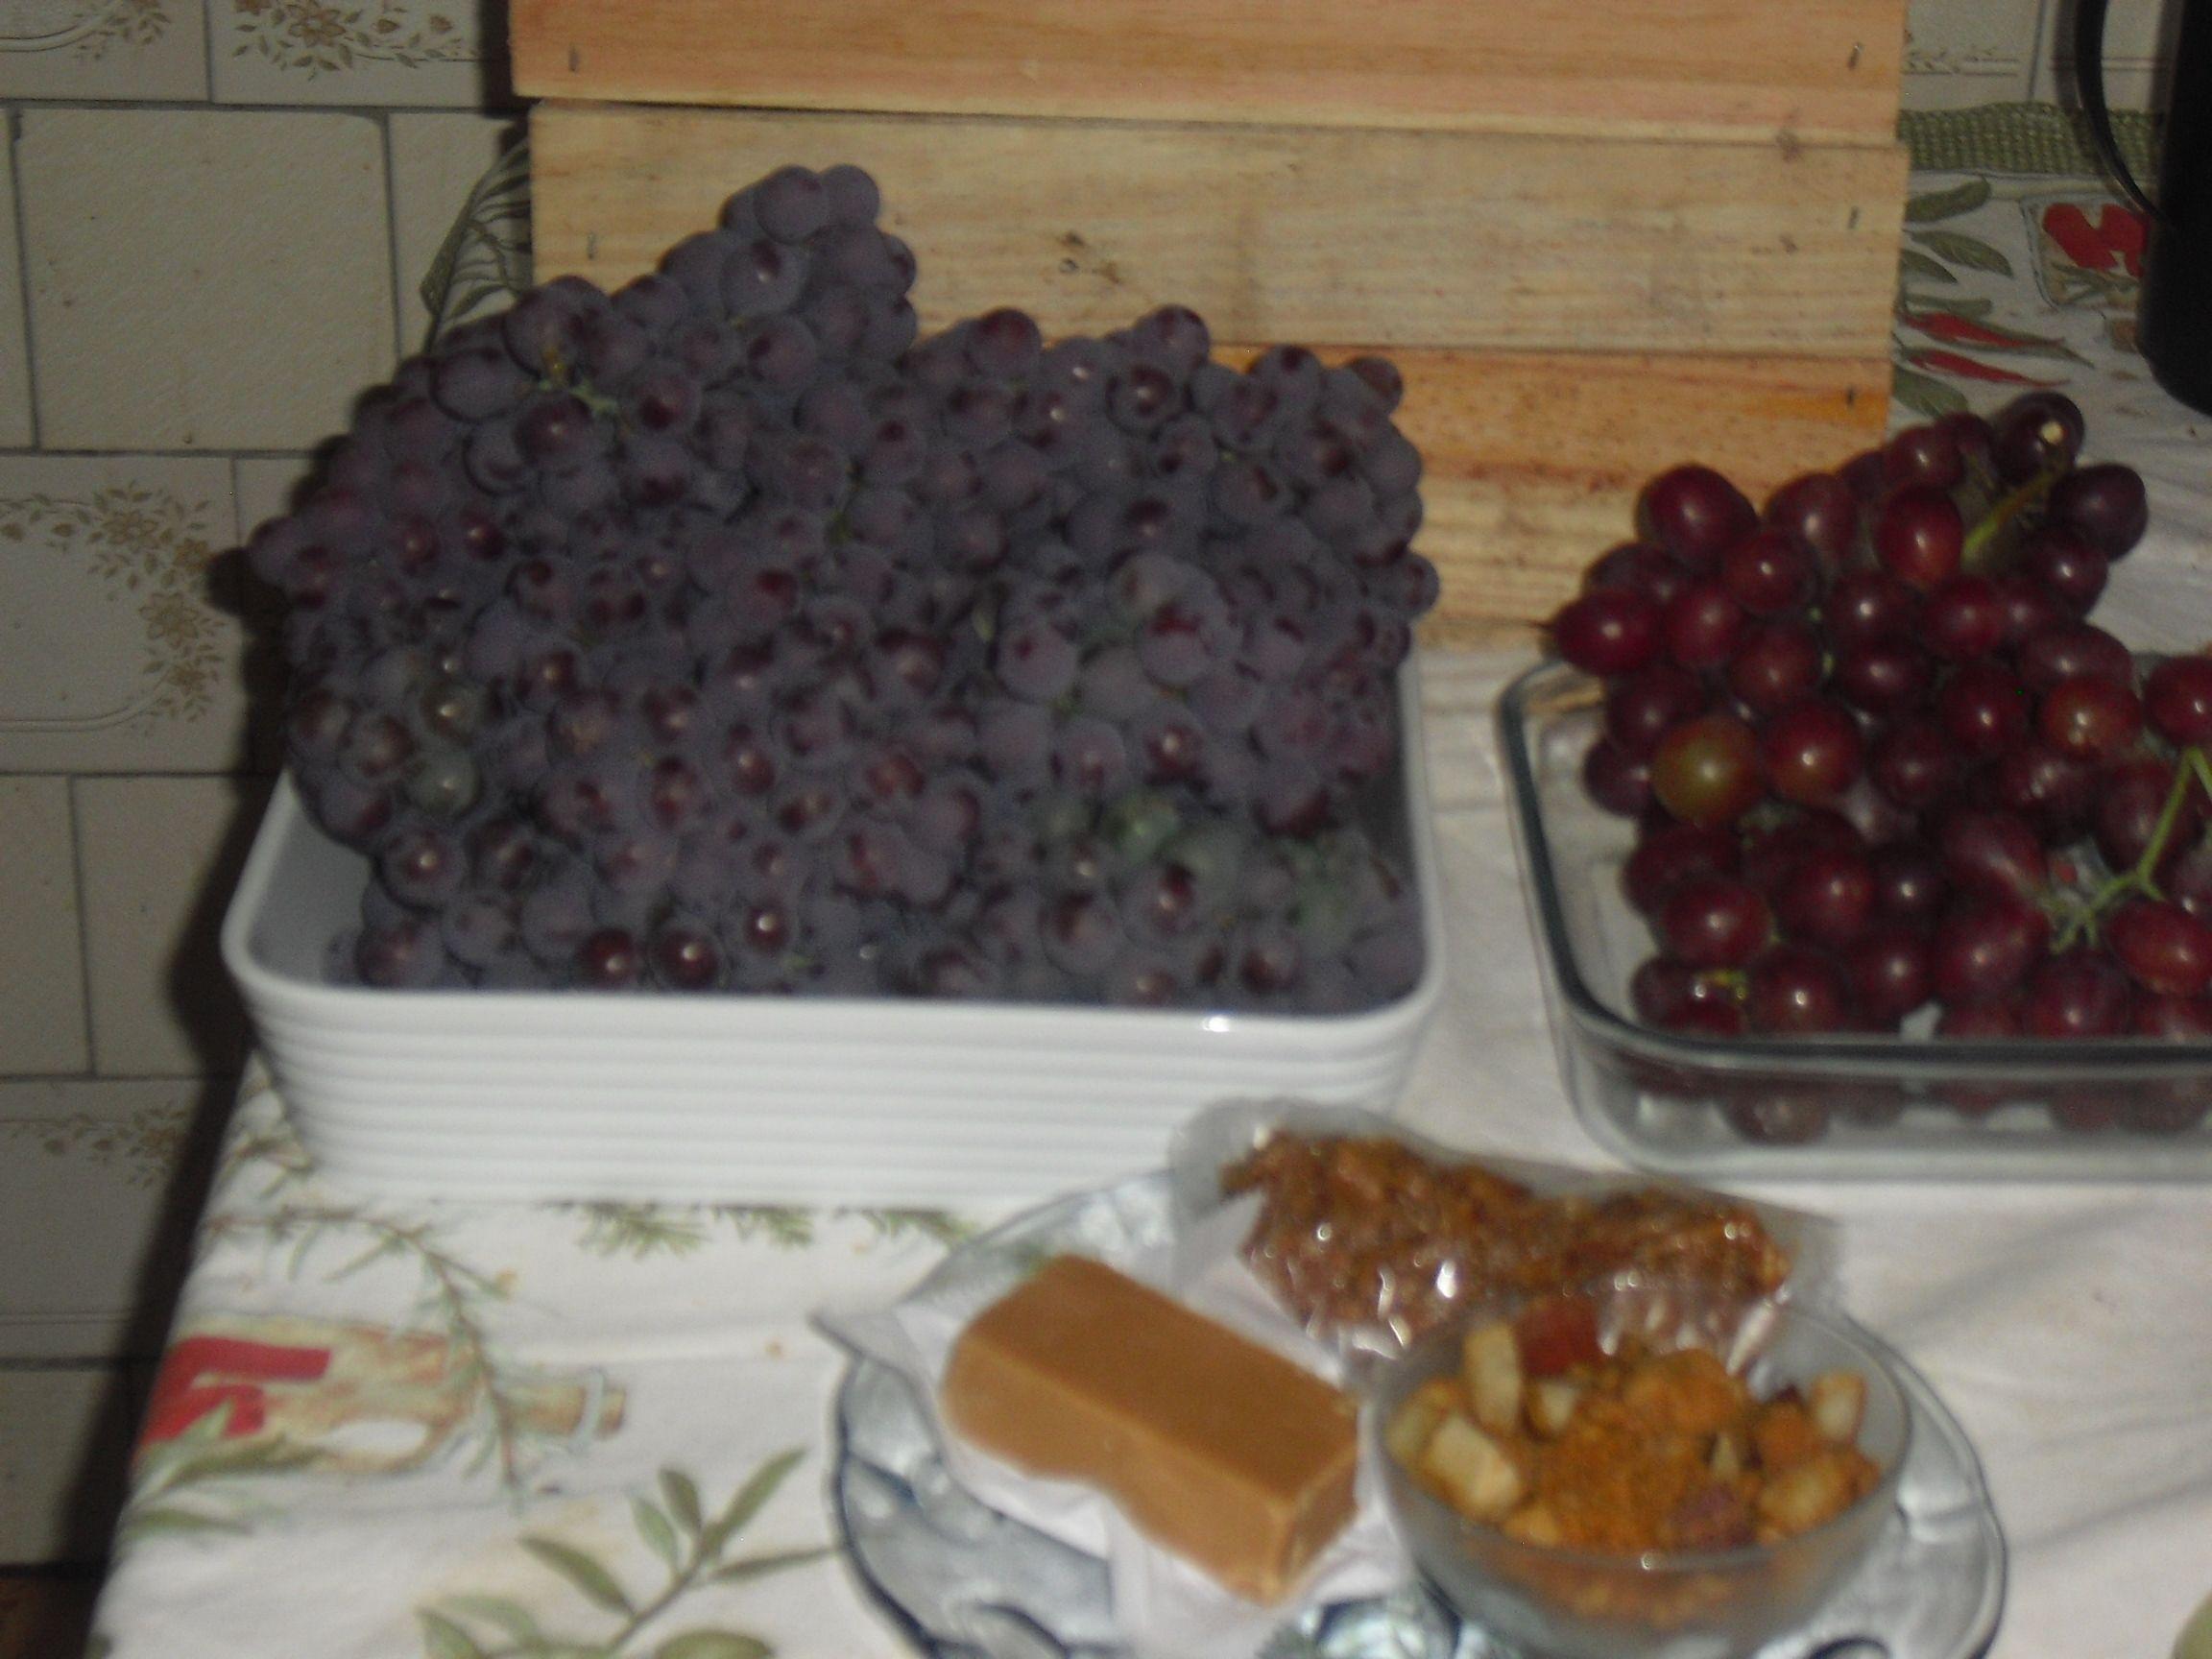 resultado da visita a festa da uva jundiai-sp